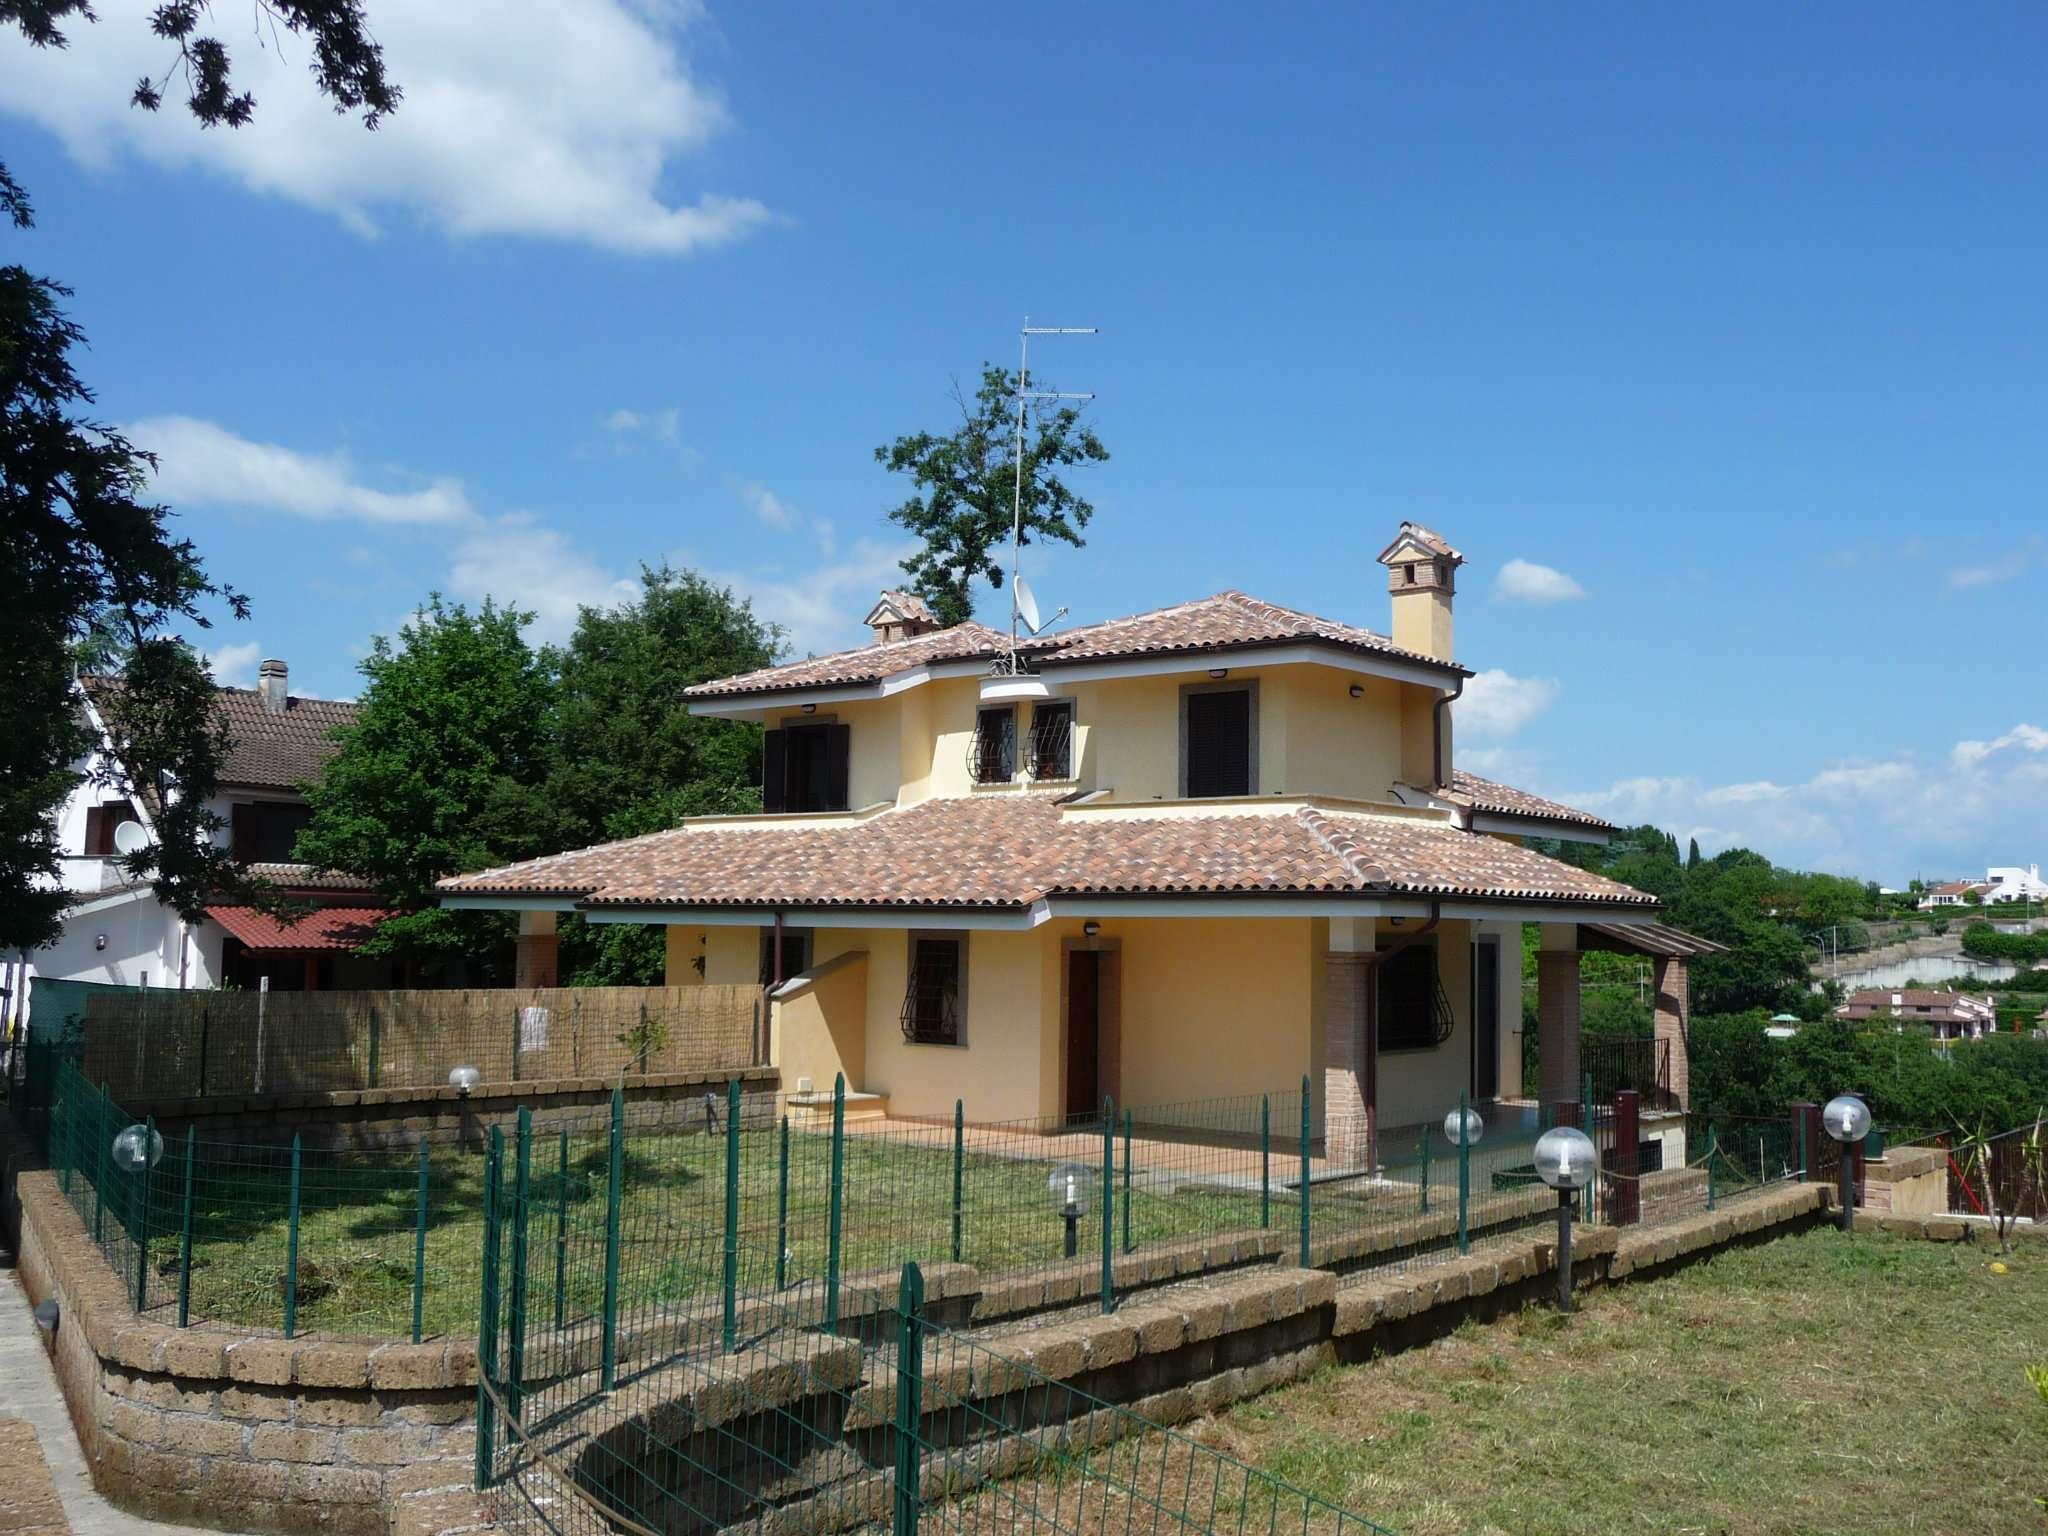 Soluzione Indipendente in vendita a Rignano Flaminio, 5 locali, prezzo € 260.000 | CambioCasa.it